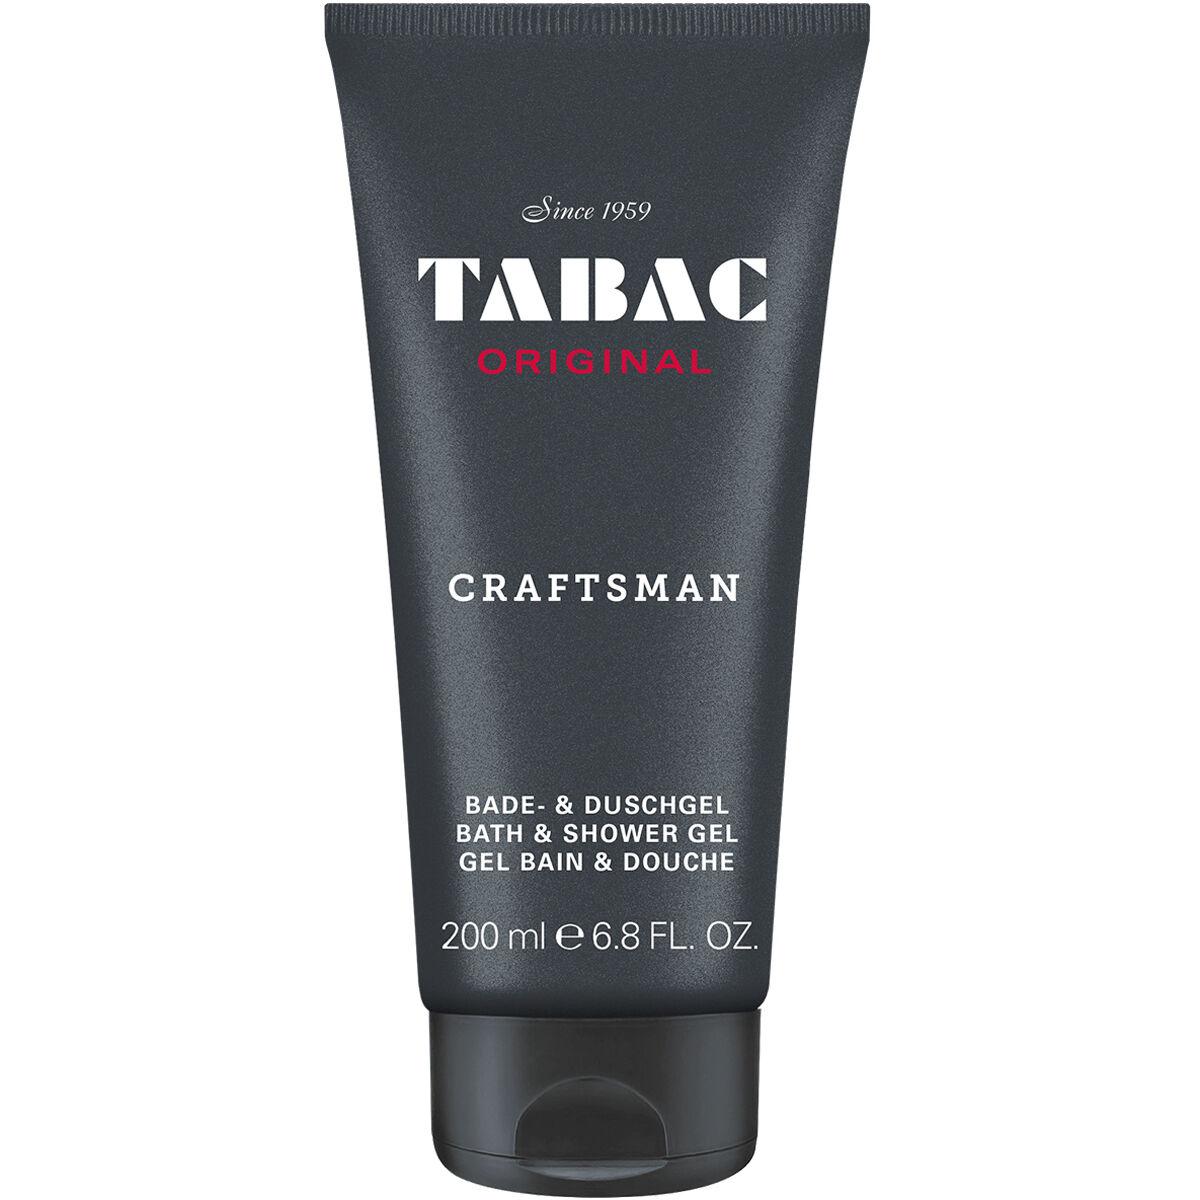 Wirtz Tabac Original Craftsman /  Bath & Shower Gel 6.8 oz (200 Ml) (m) In Black